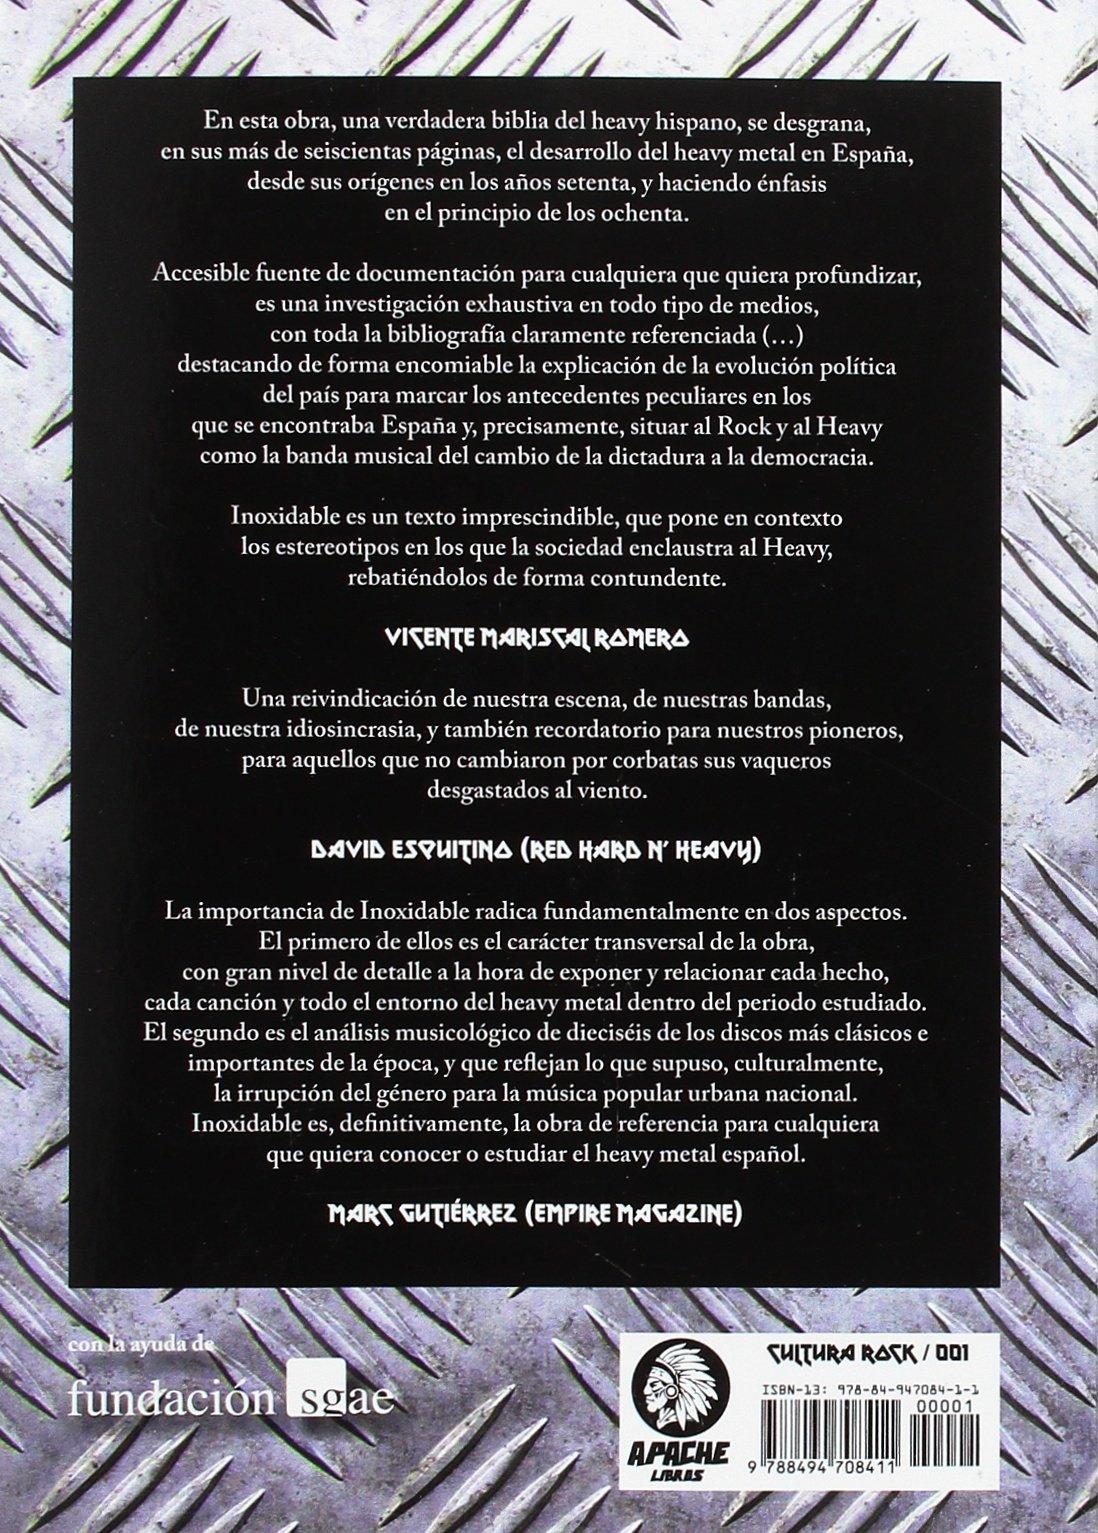 Inoxidable: Formación, cristalización y crecimiento del heavy metal en España Cultura Rock: Amazon.es: Galicia Poblet, Fernando: Libros